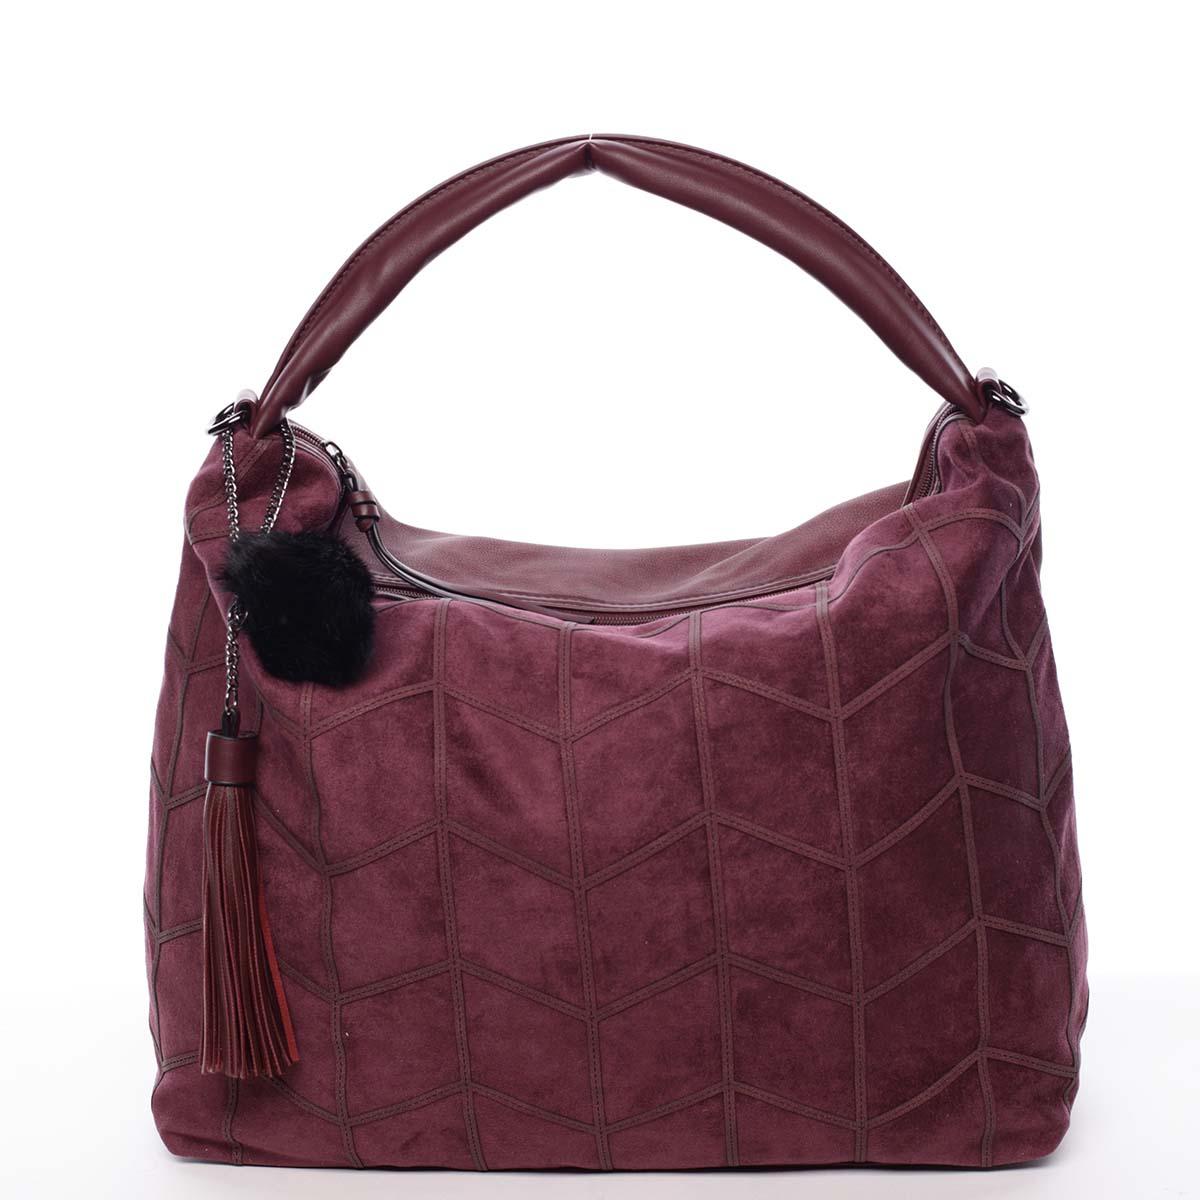 Trendy dámská velká vzorovaná kabelka červená - MARIA C Chana